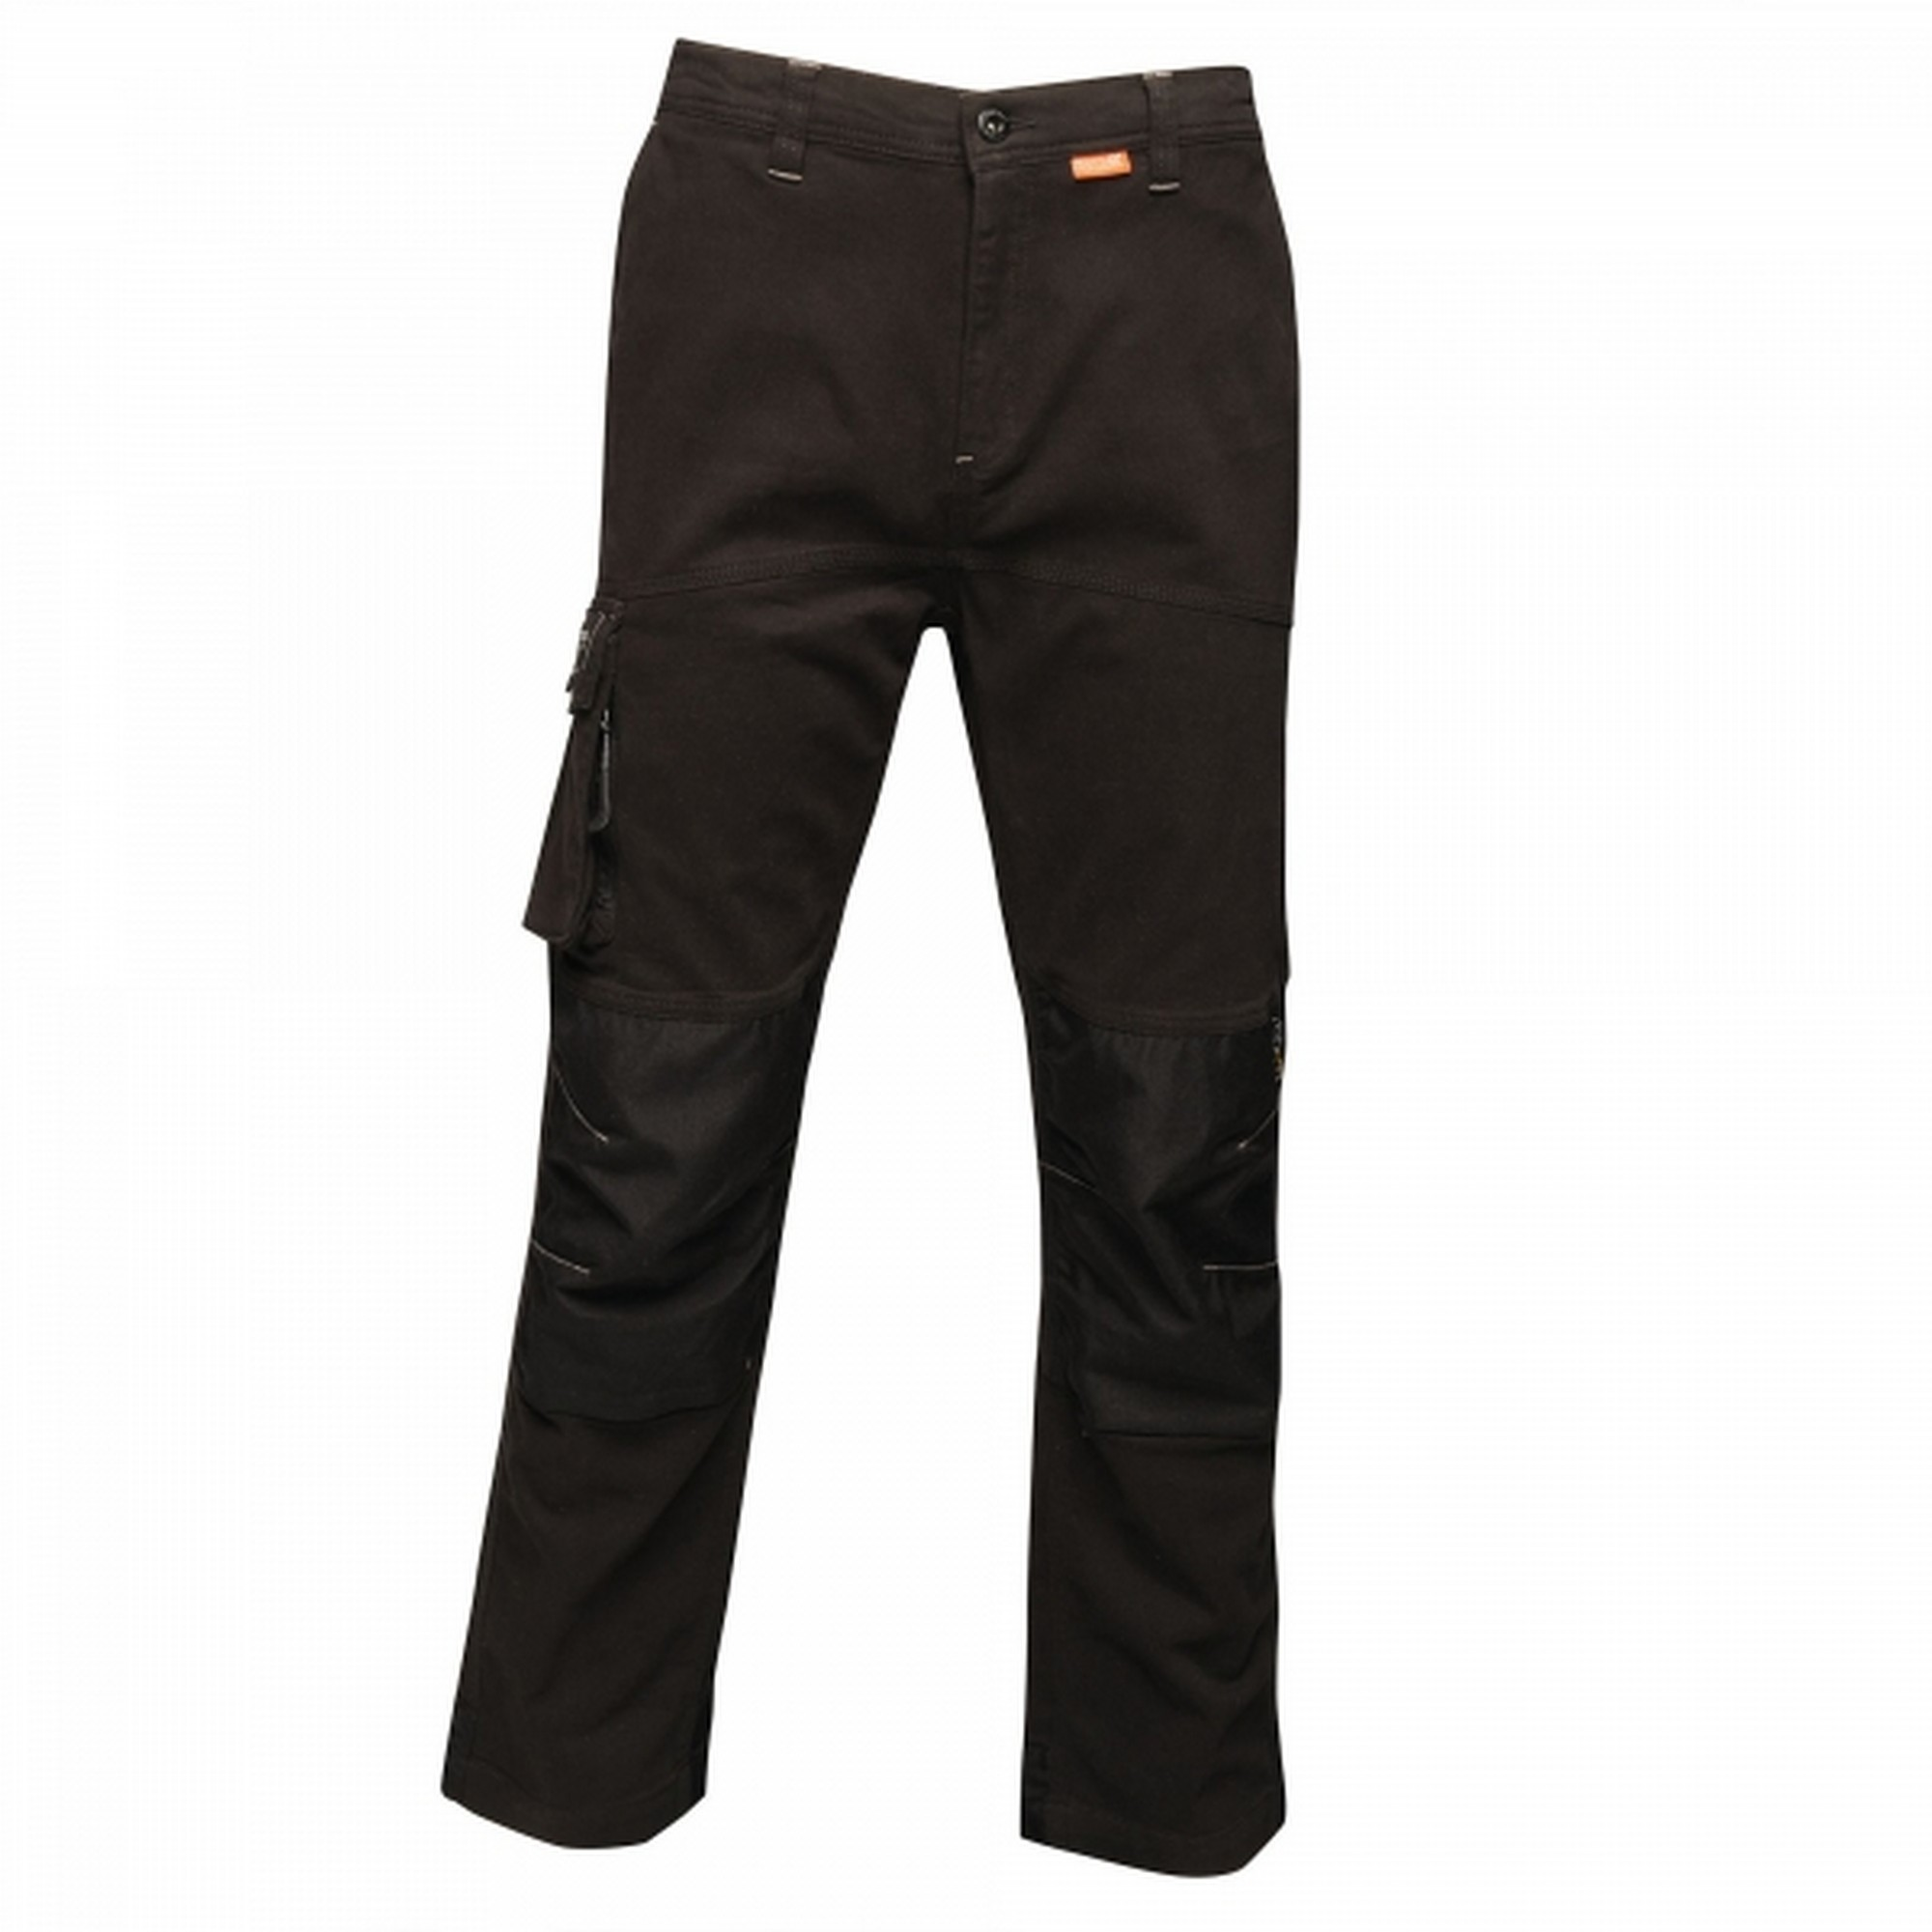 Regatta Mens Scandal Stretch Work Trousers - Regular (36in) (Traffic Black)